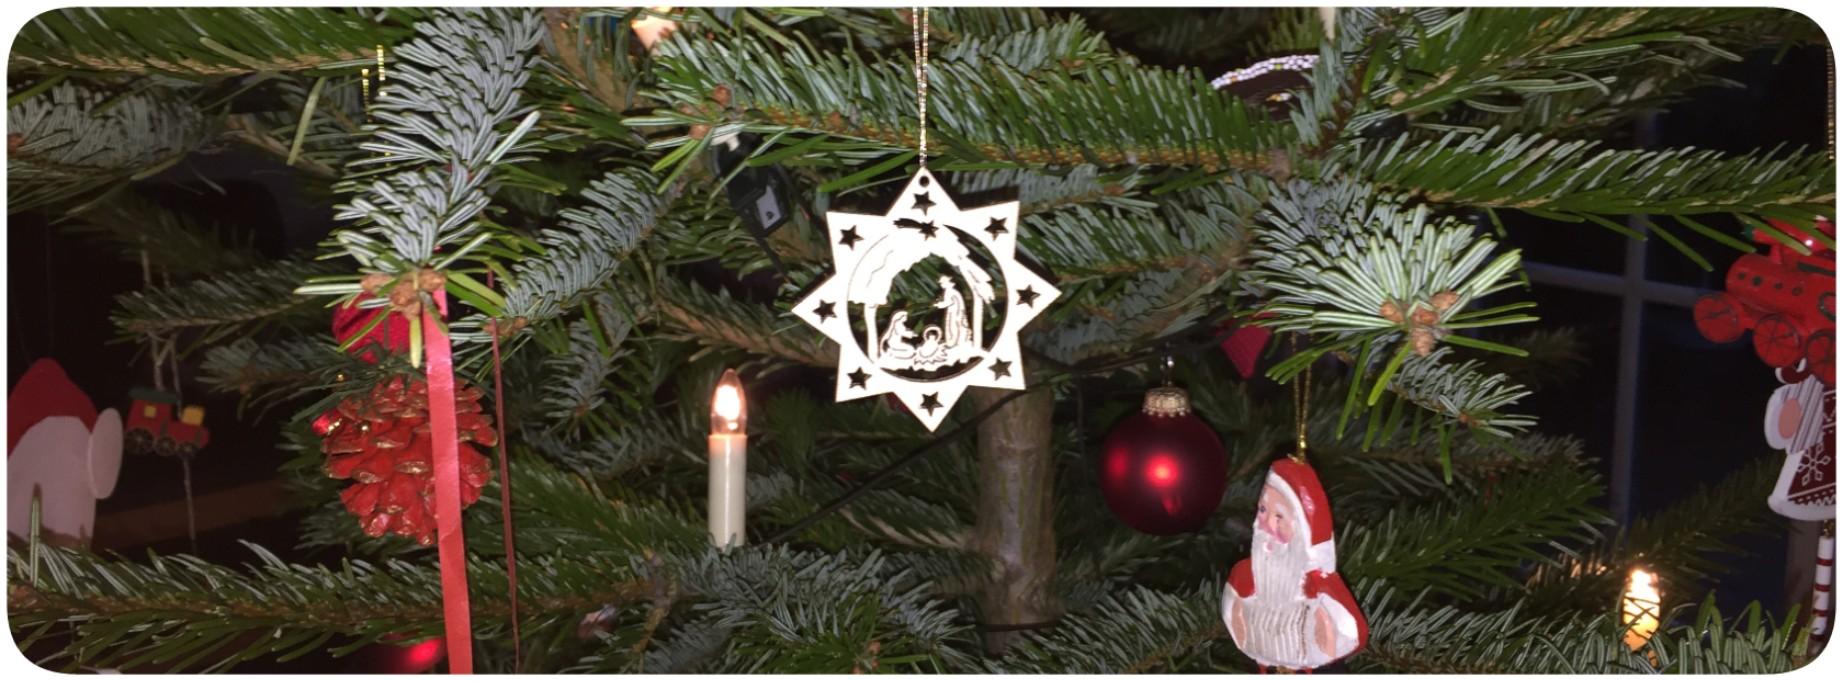 folge364_frohe-weihnachten